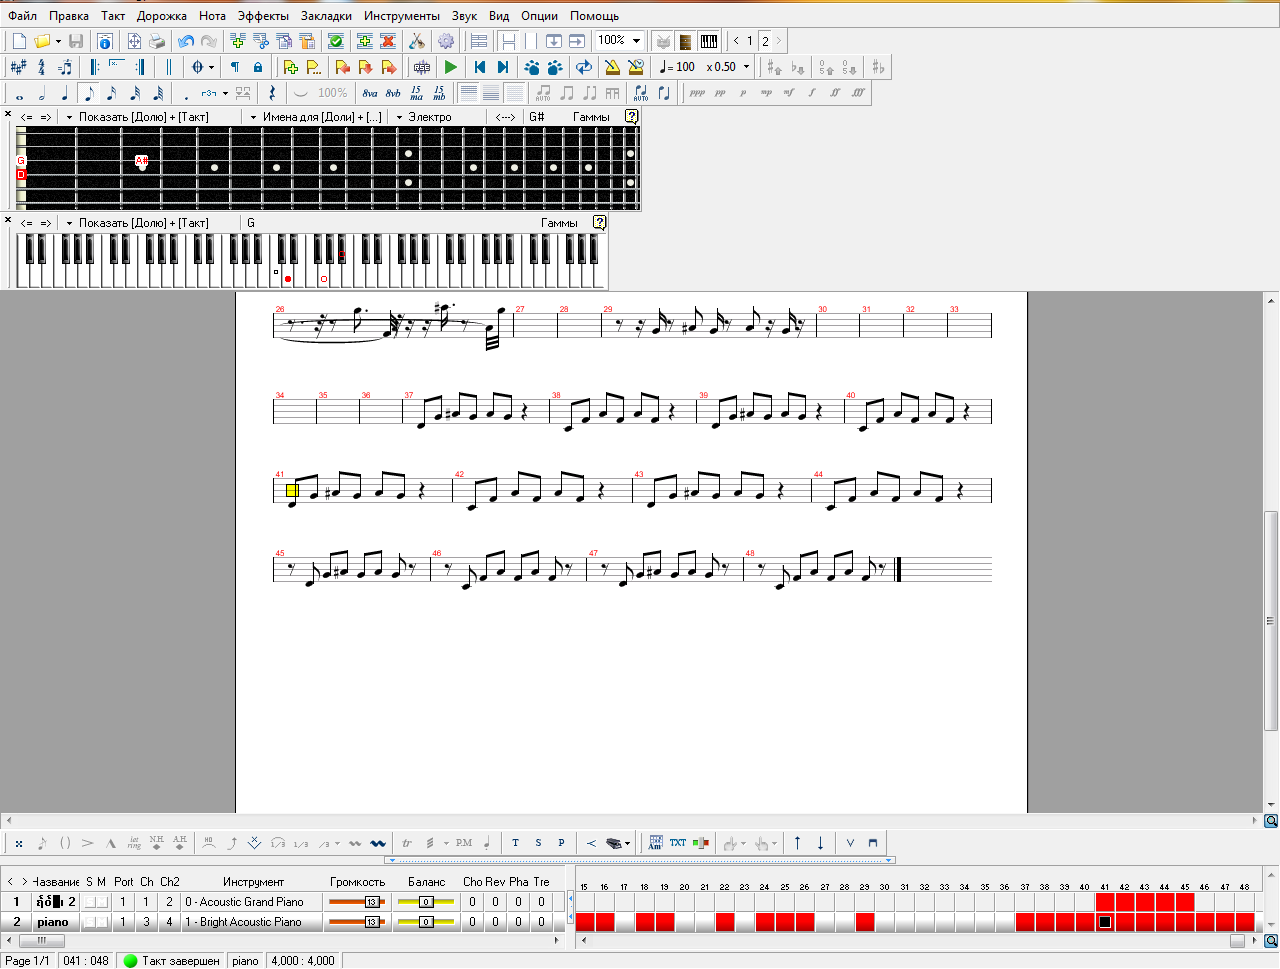 Программу которая определяет аккорды из песен